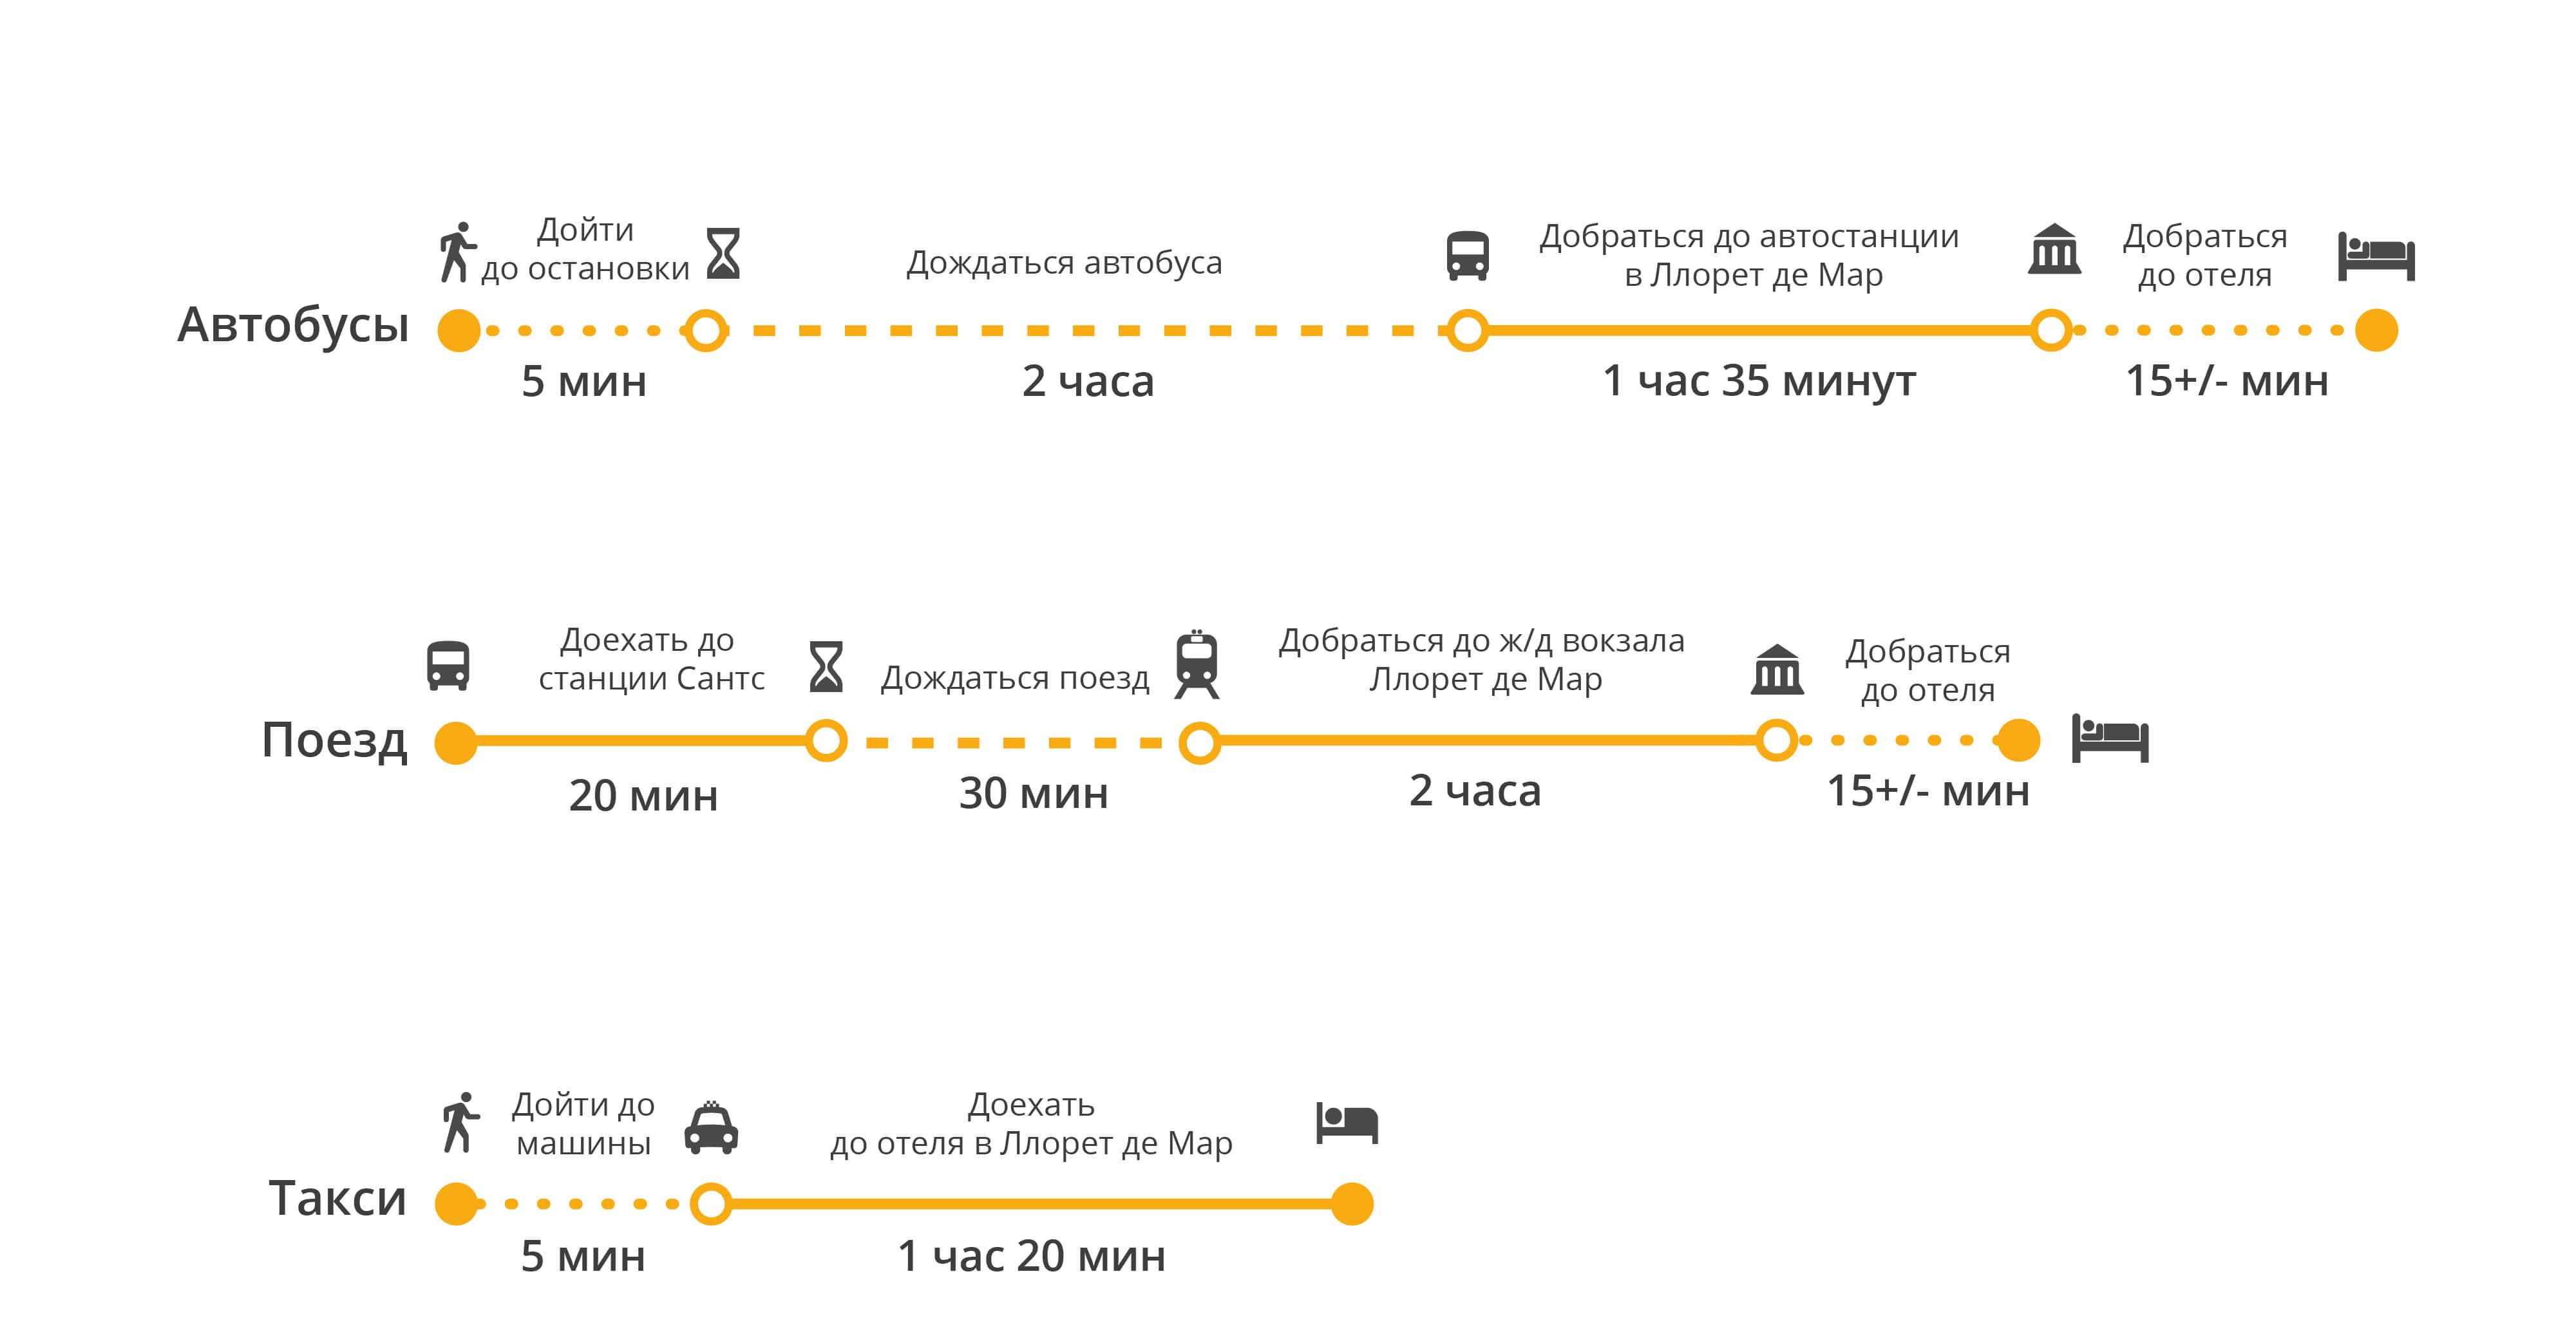 Пункт назначения Барселона – как добраться из Ллорет де Мар